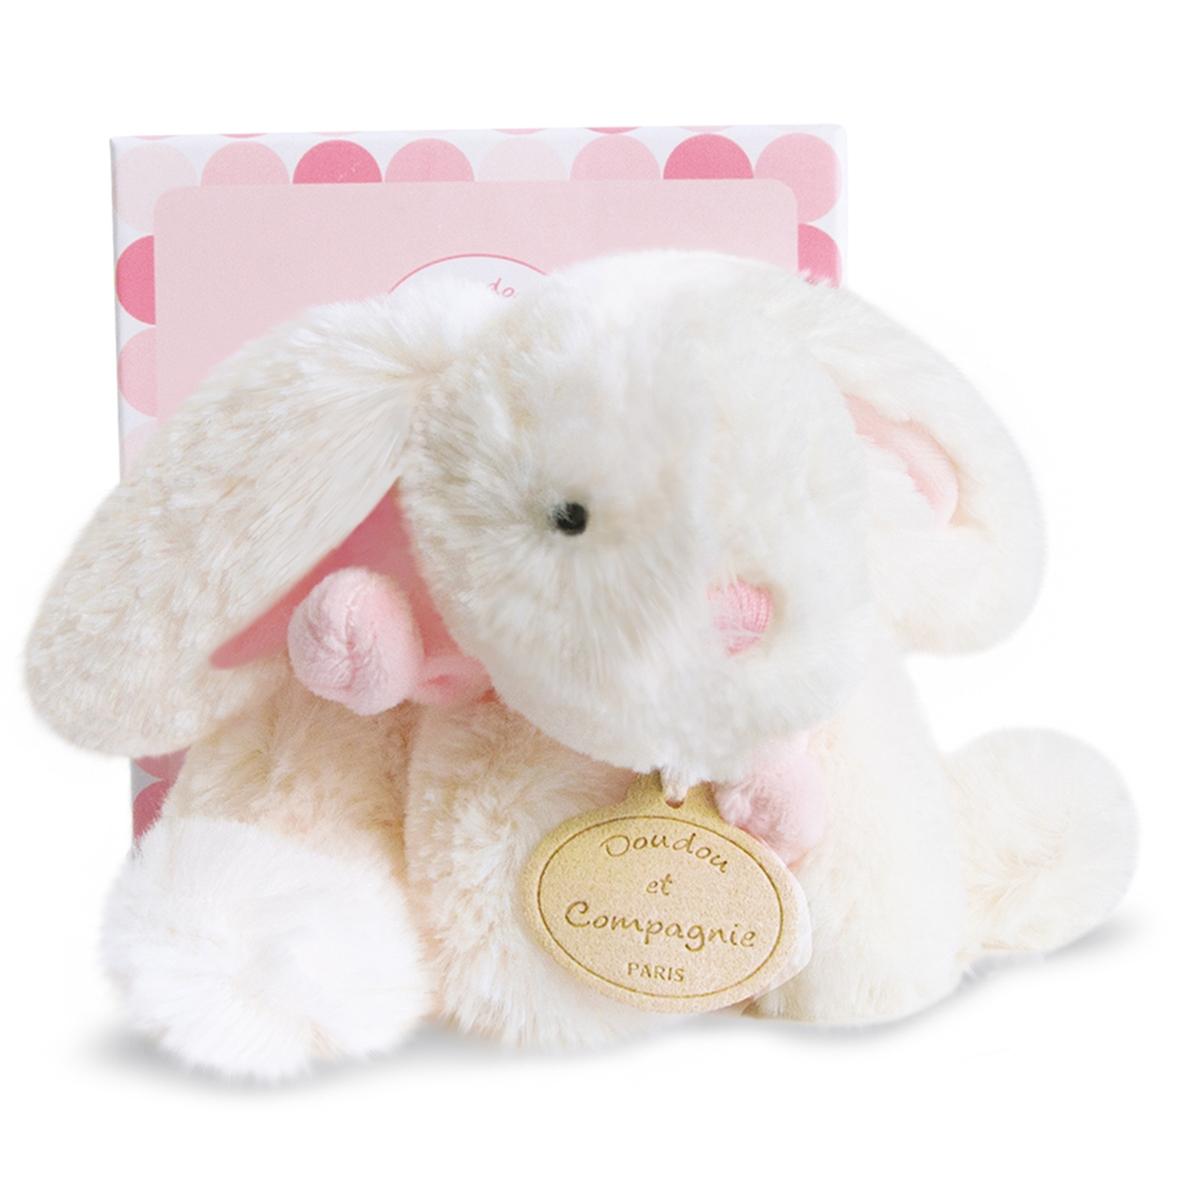 Coniglio Bonbon rosa 20cm - 1239